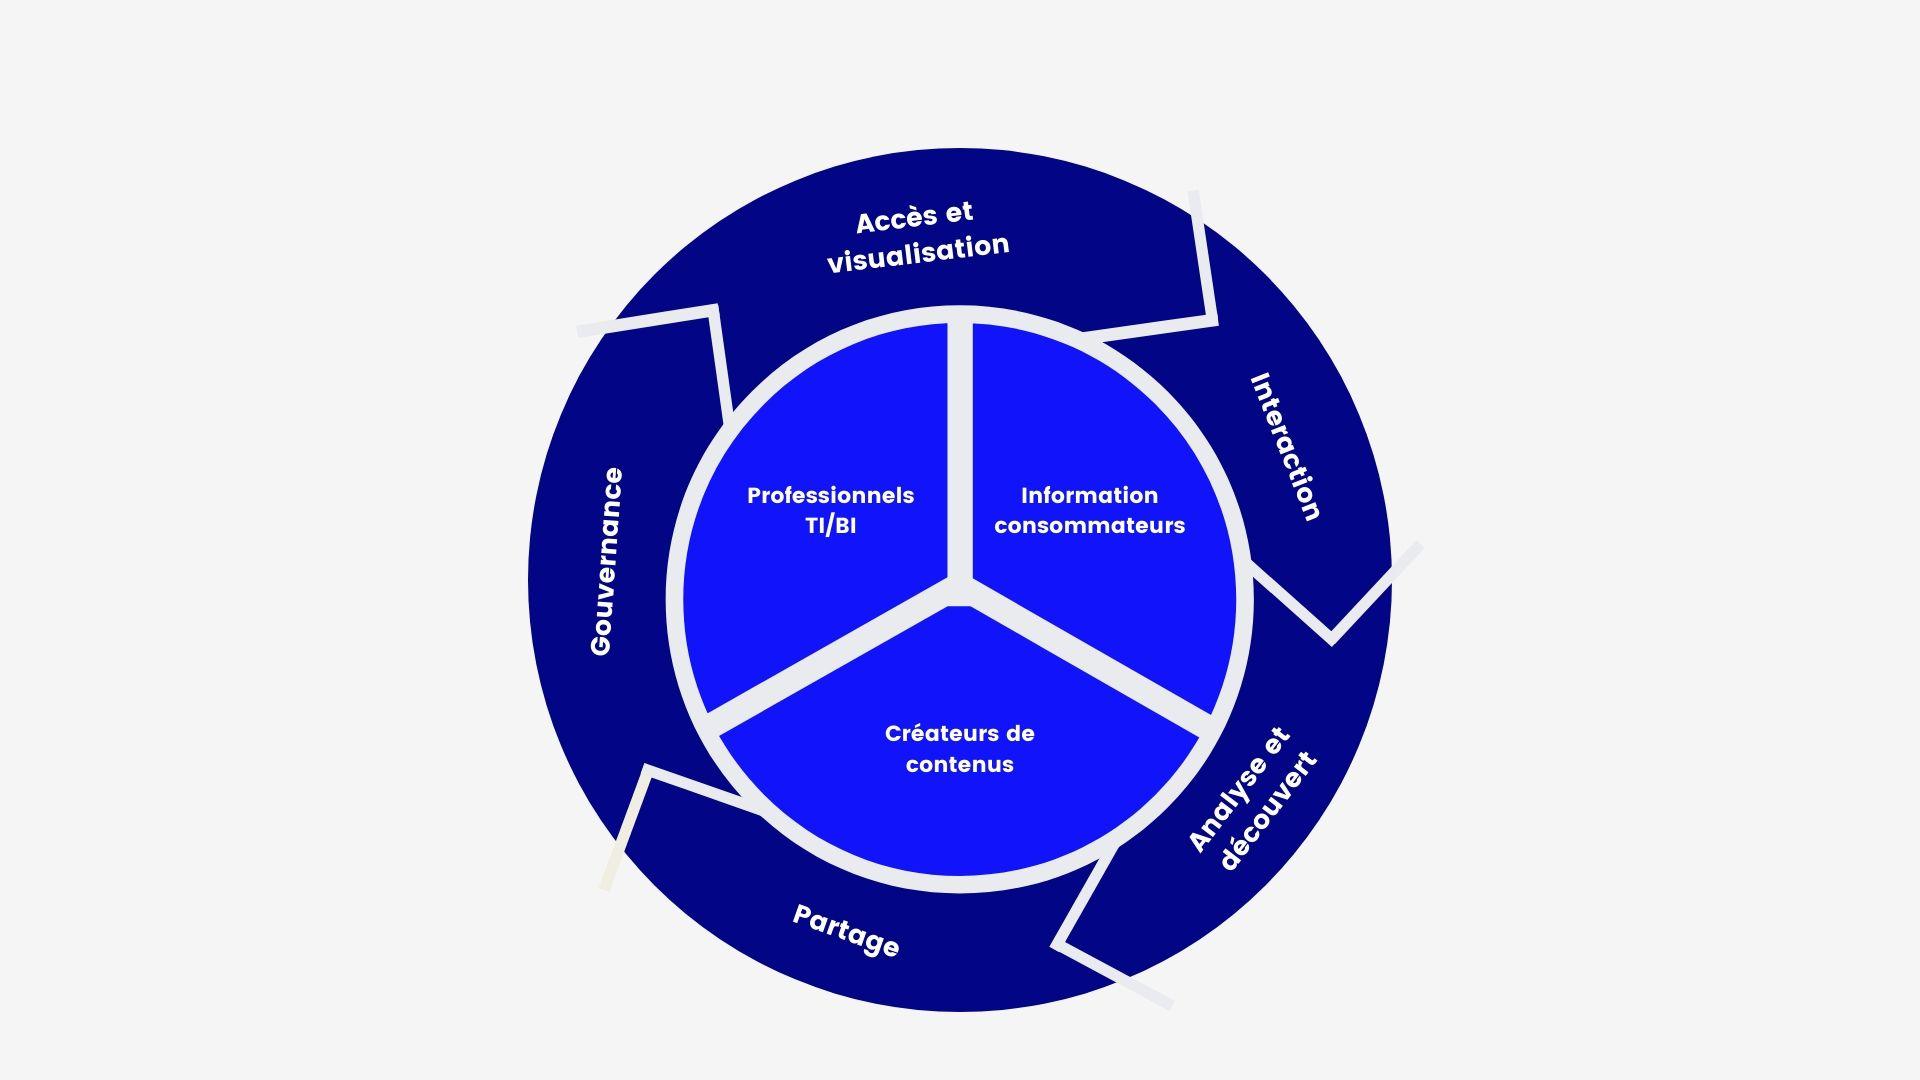 Le processus d'intelligence d'affaires dans une optique de Big Data